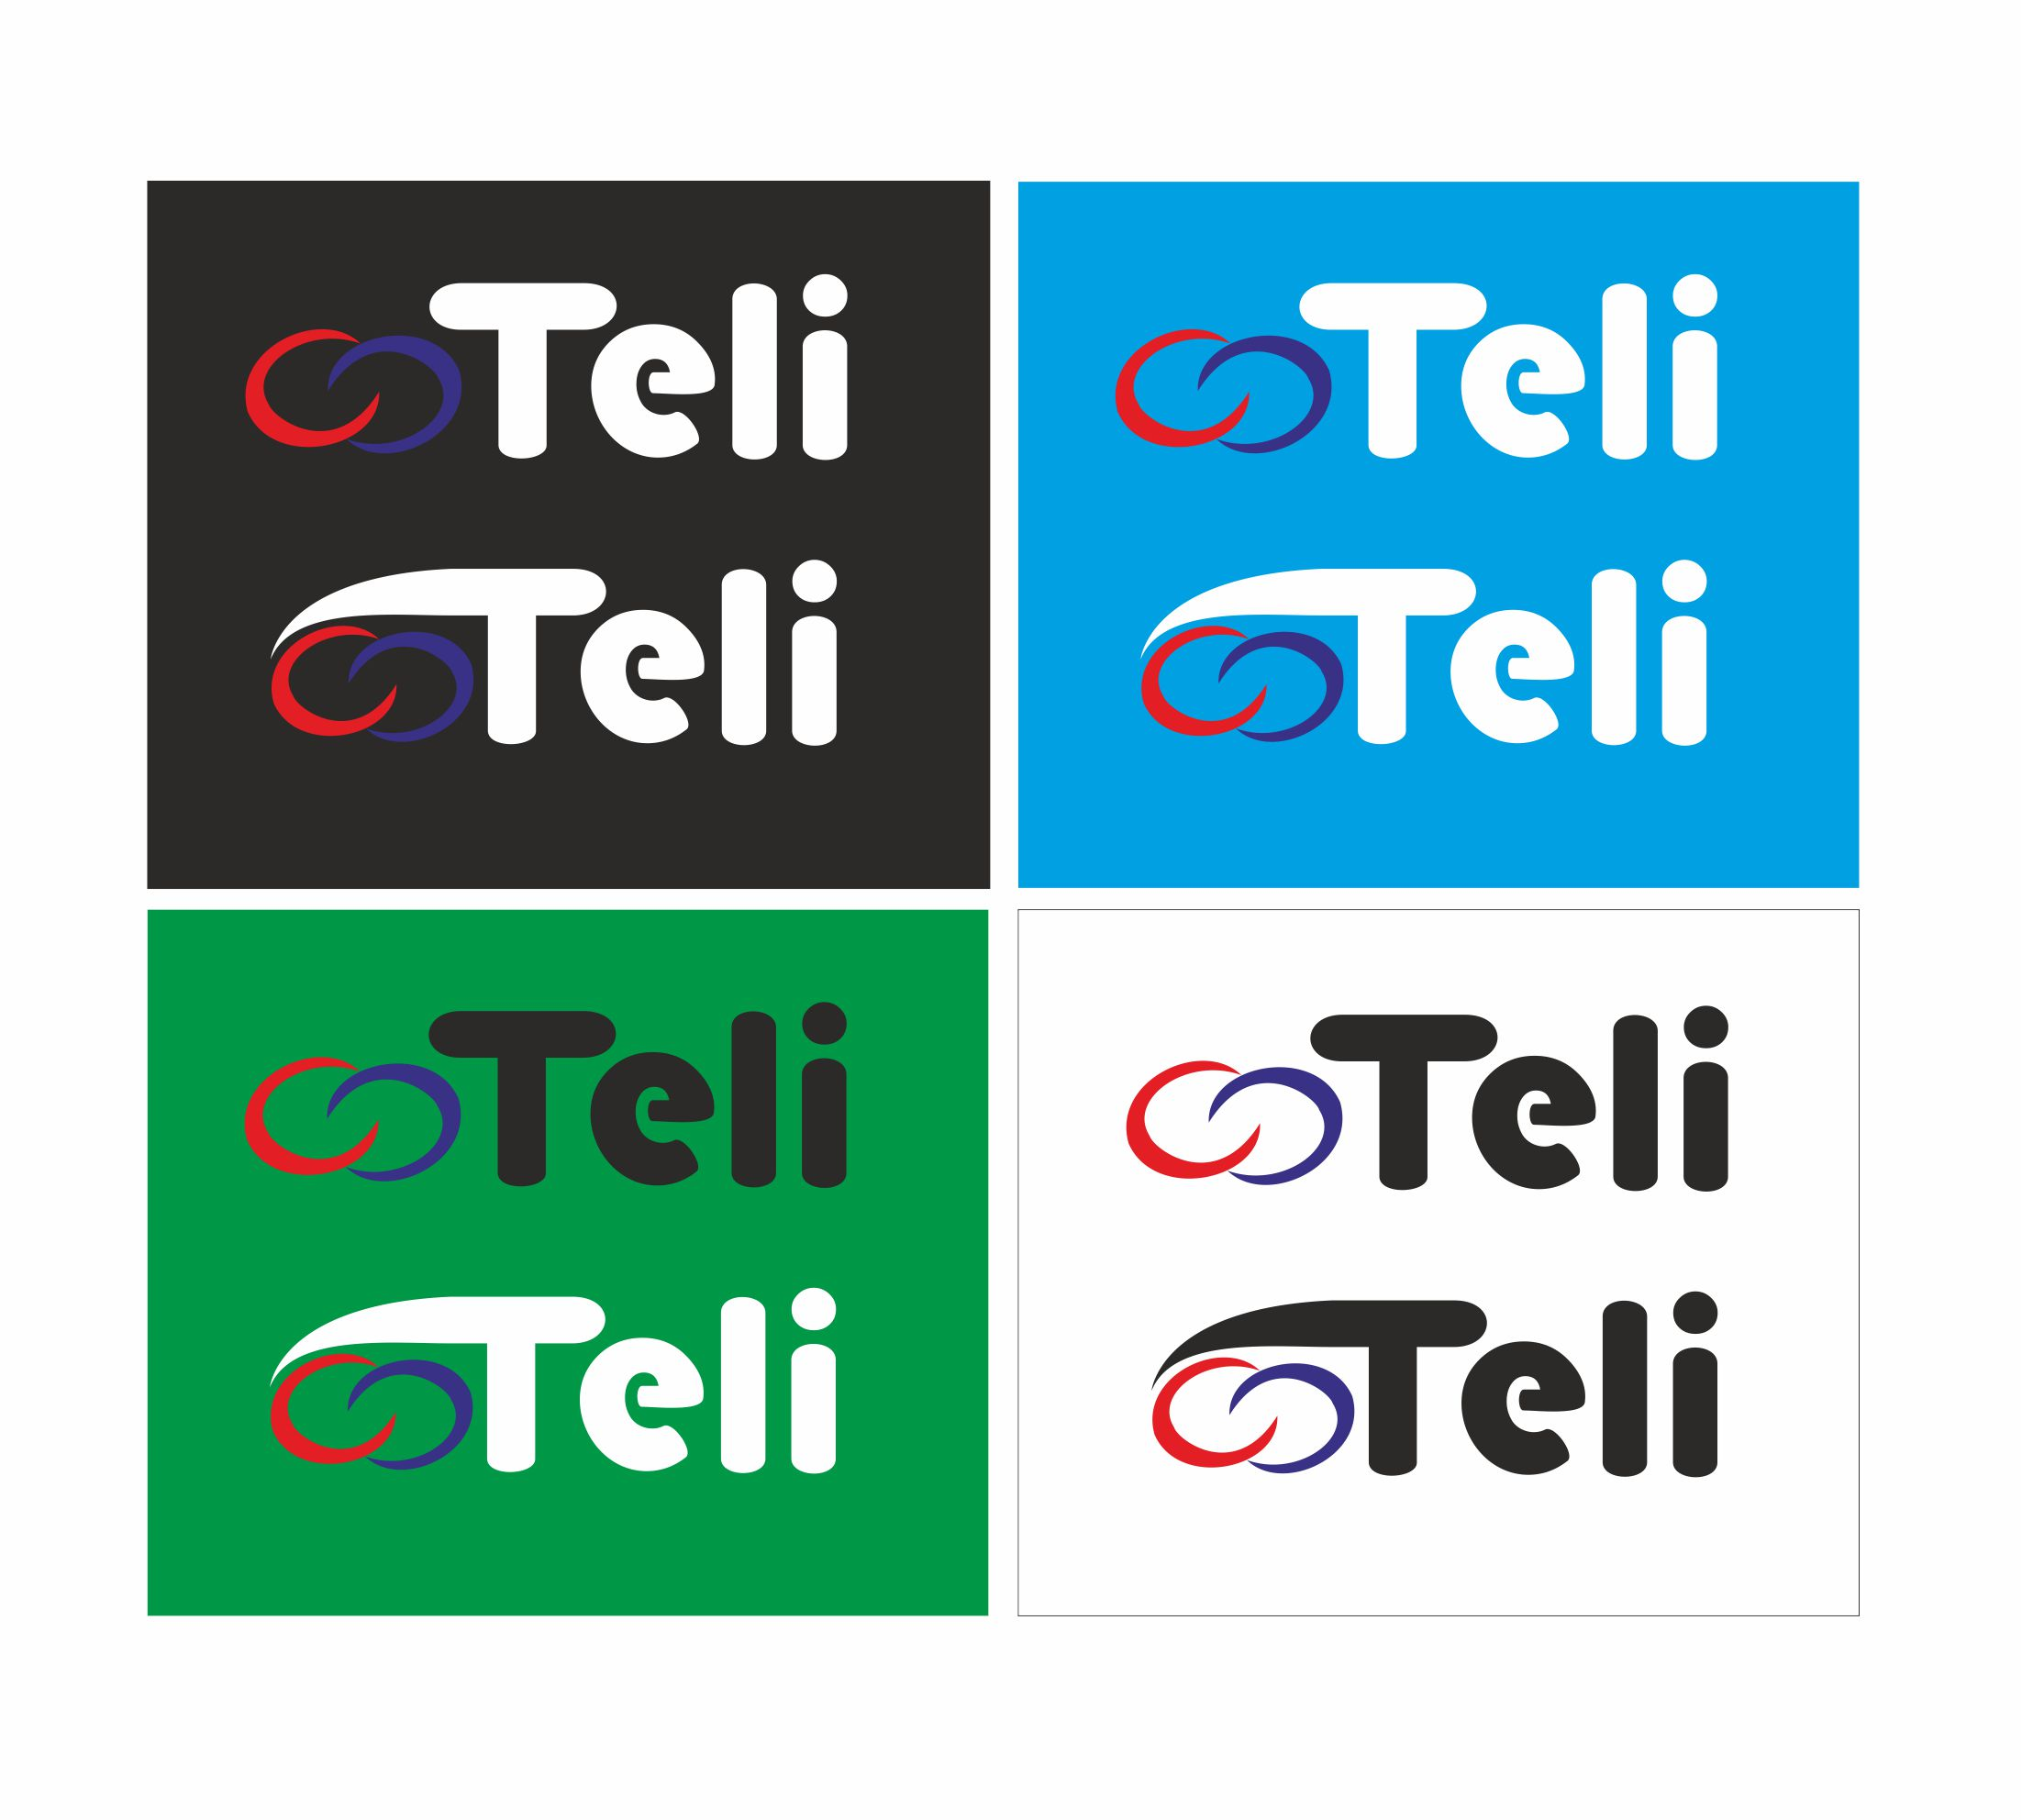 Разработка логотипа и фирменного стиля фото f_37458f879ed61778.jpg